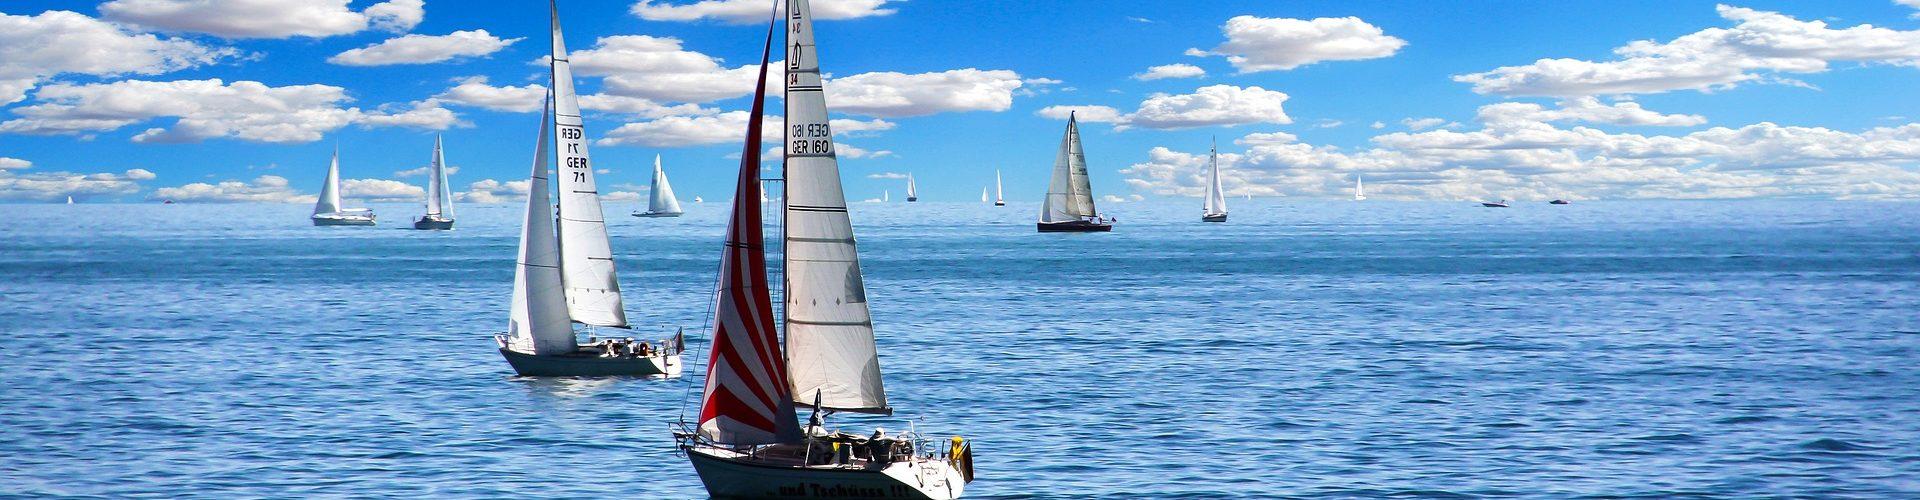 segeln lernen in Born am Darß segelschein machen in Born am Darß 1920x500 - Segeln lernen in Born am Darß